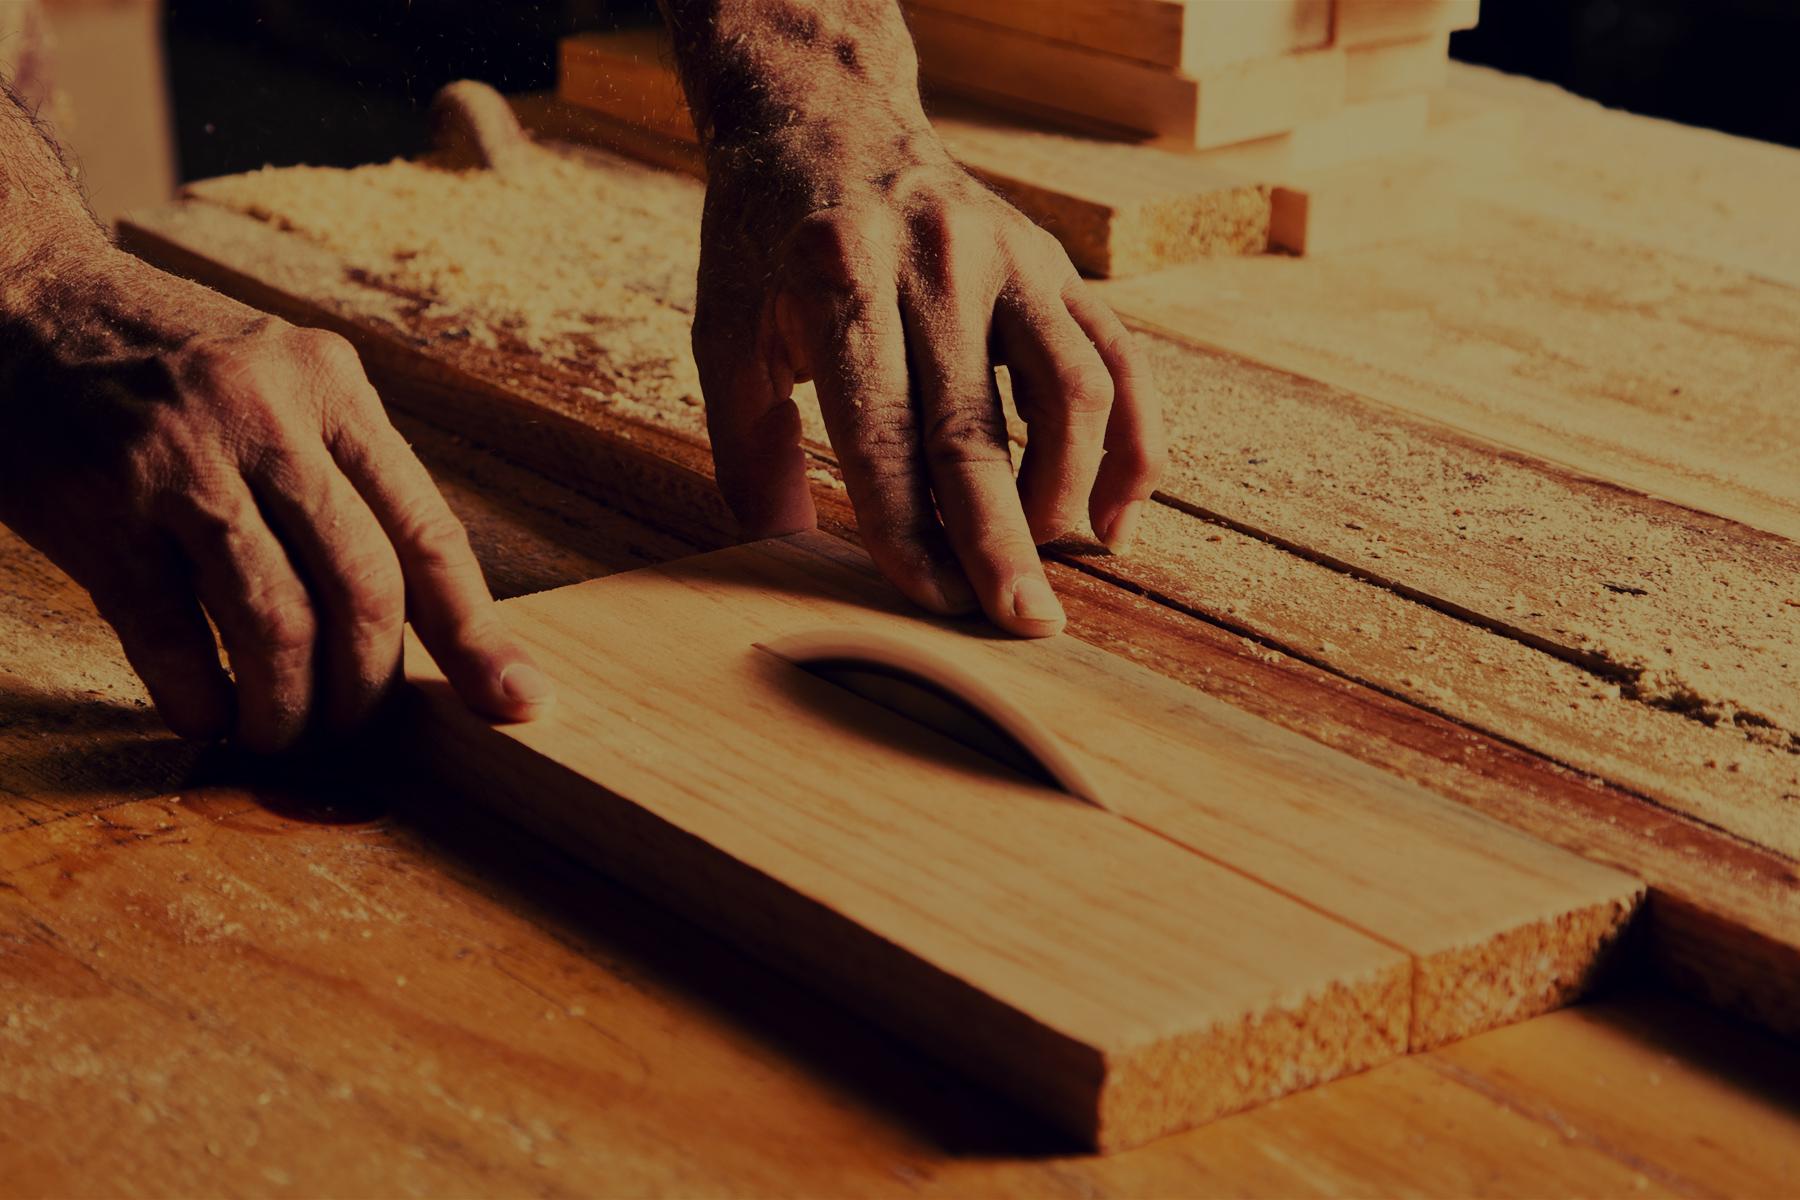 Sporrong bygg sågning hantverk Smögen Sotenäs